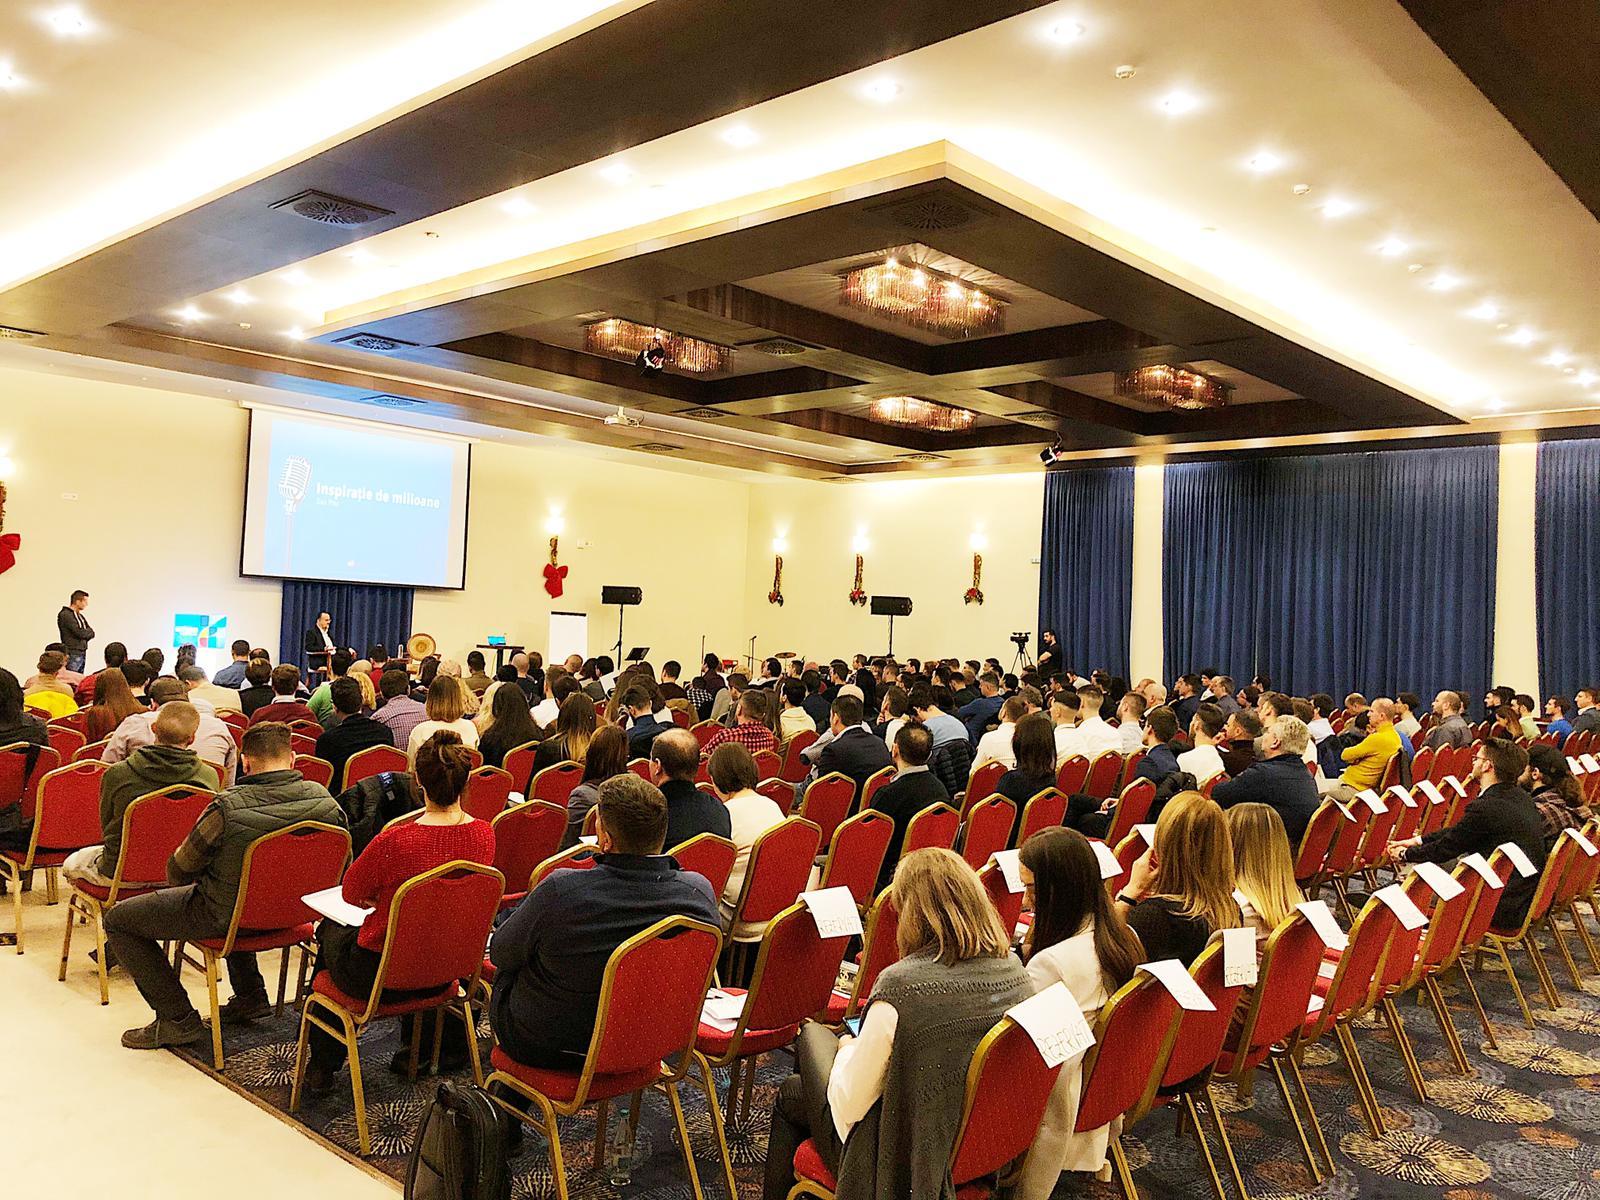 Upriserz, Ce-am învățat la evenimentul Upriserz din Cluj